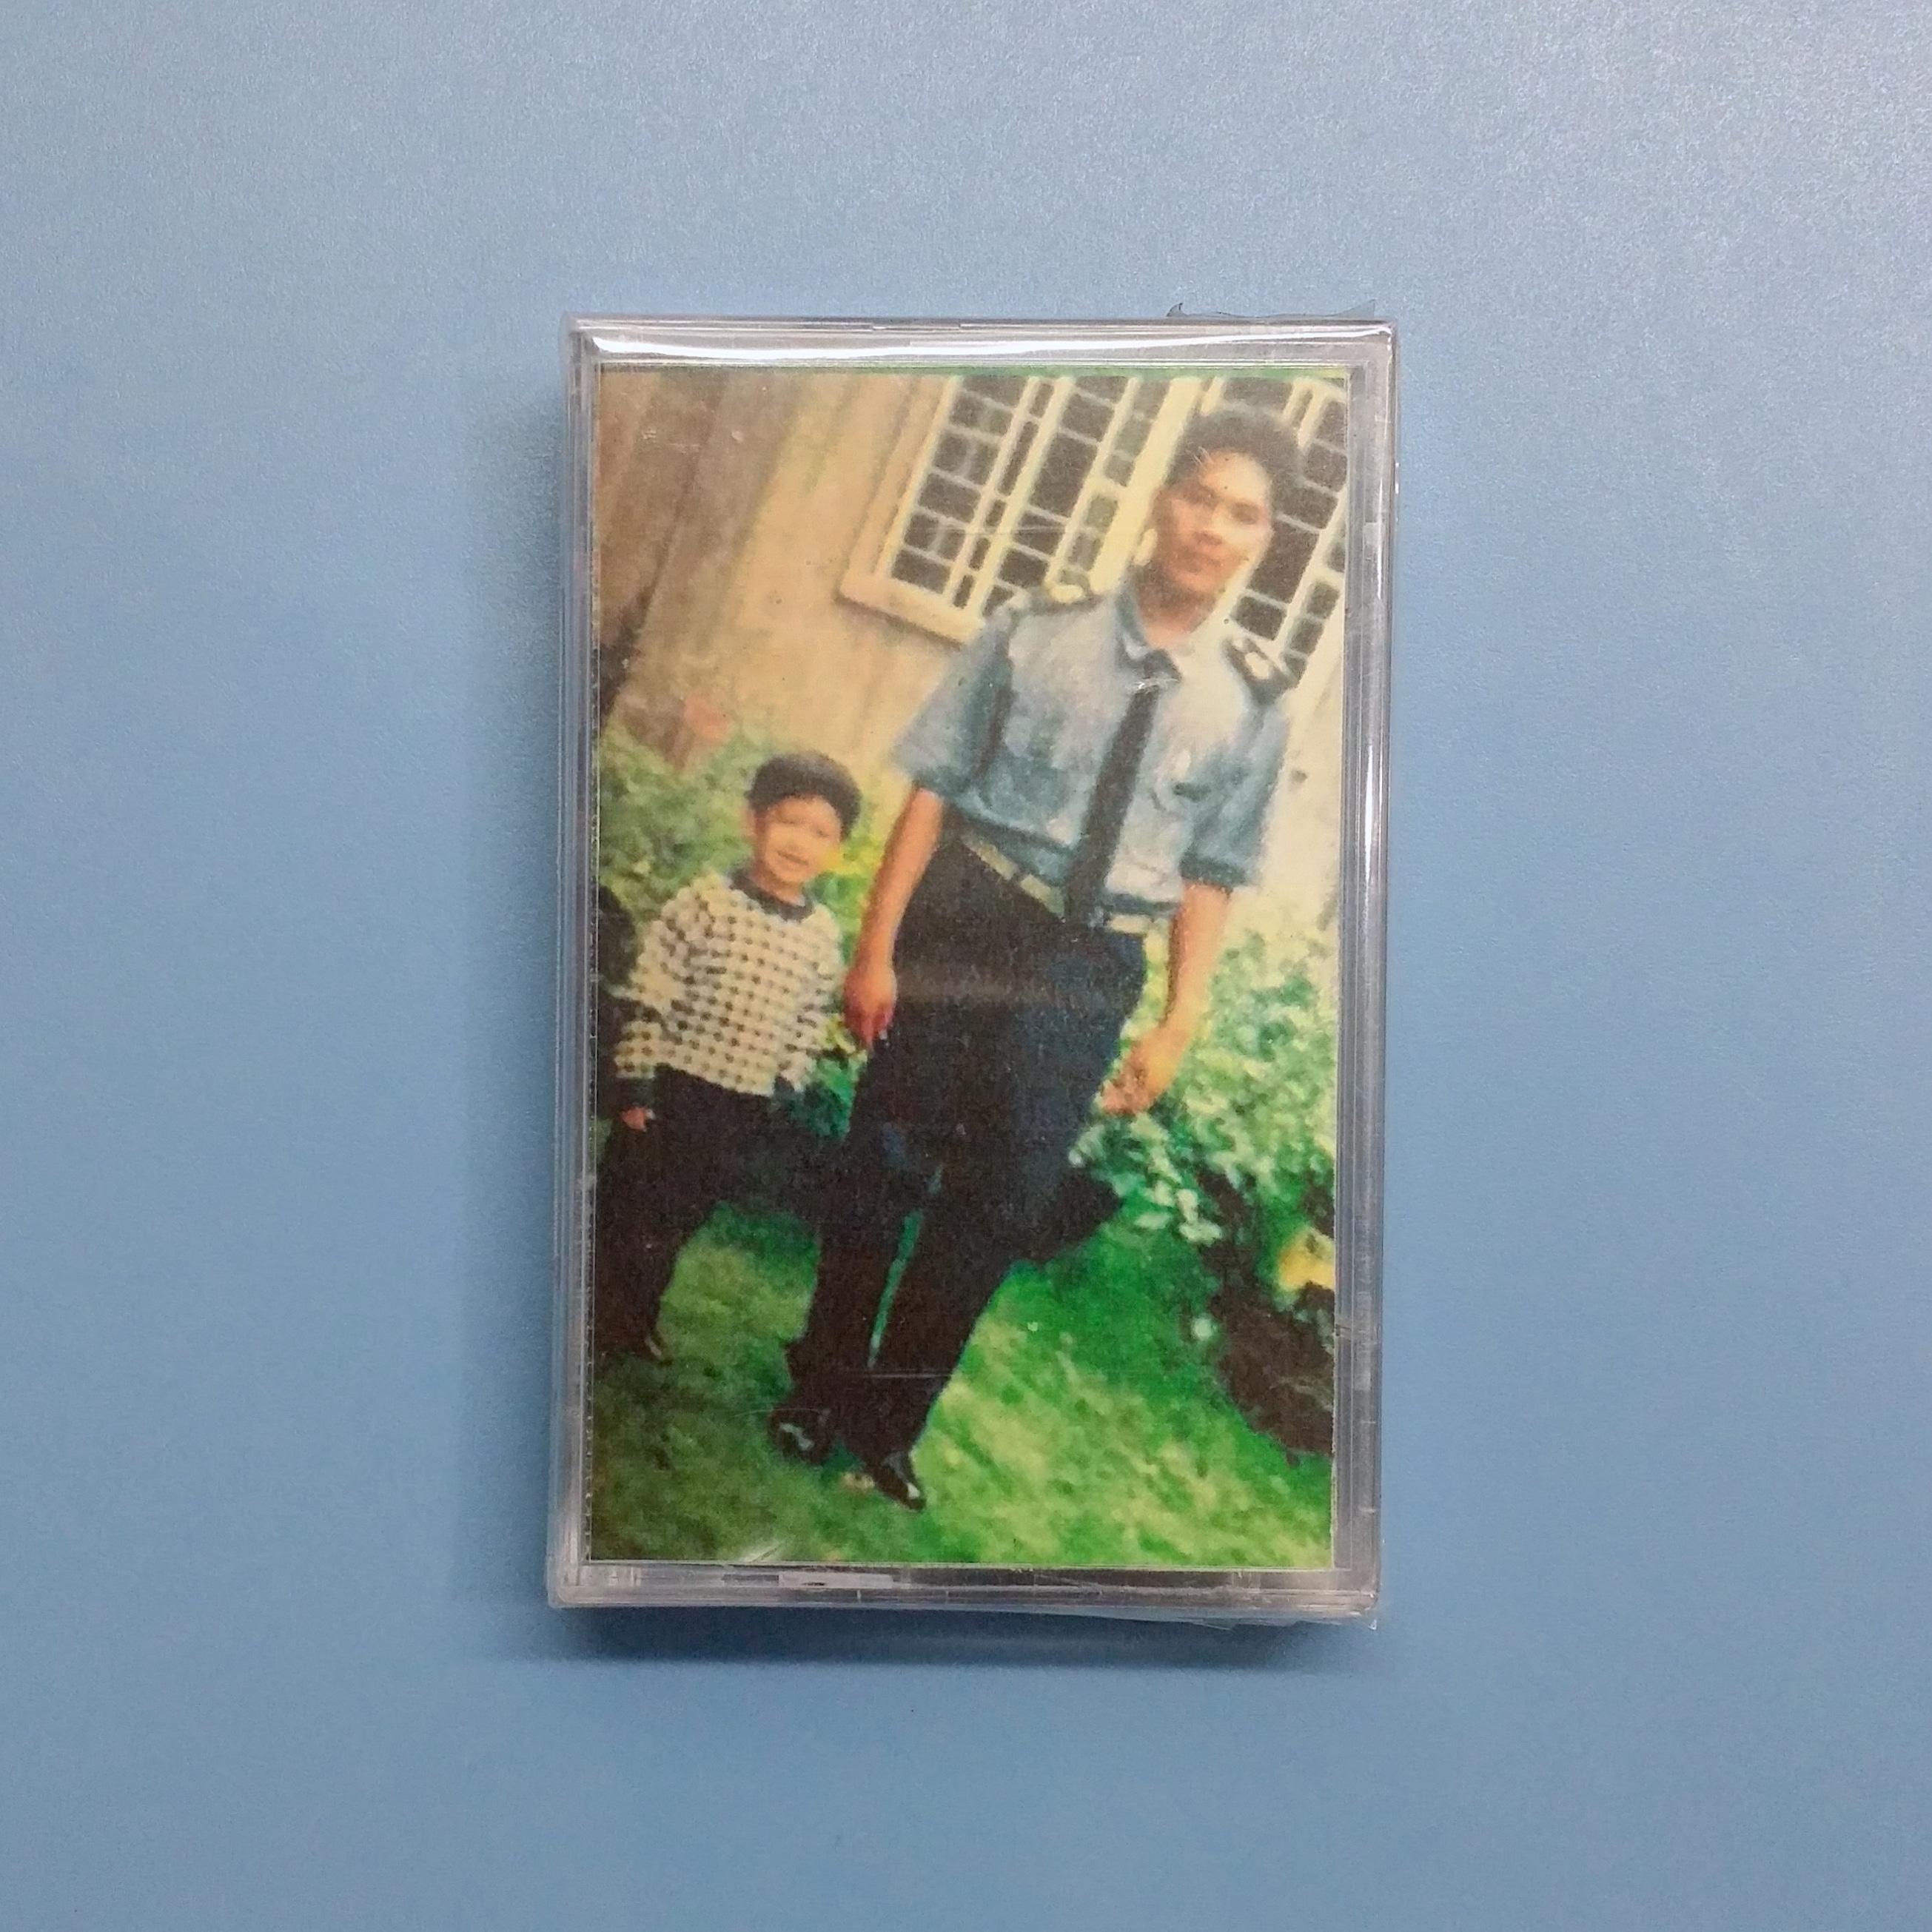 1 9 9 X - Olde Baps (Analog Amigo Records)